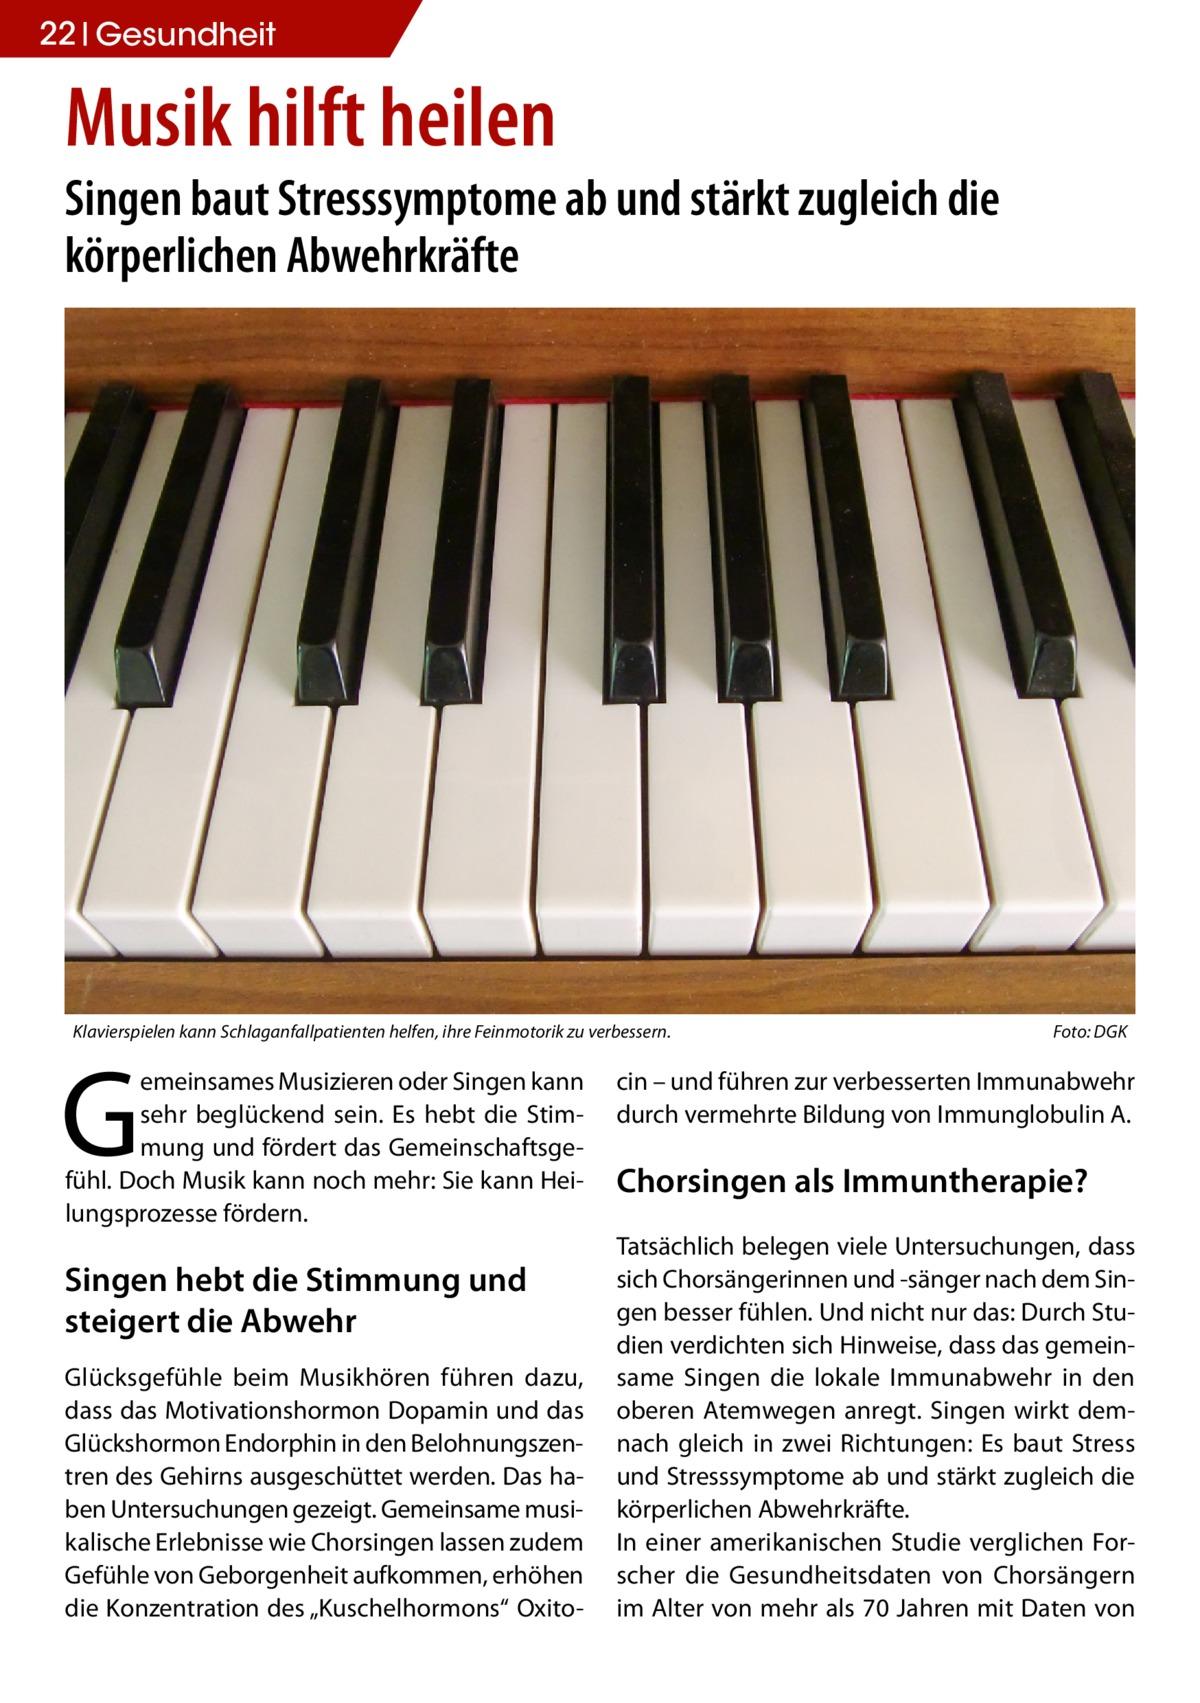 """22 Gesundheit  Musik hilft heilen  Singen baut Stresssymptome ab und stärkt zugleich die körperlichen Abwehrkräfte  Klavierspielen kann Schlaganfallpatienten helfen, ihre Feinmotorik zu verbessern.�  G  emeinsames Musizieren oder Singen kann sehr beglückend sein. Es hebt die Stimmung und fördert das Gemeinschaftsgefühl. Doch Musik kann noch mehr: Sie kann Heilungsprozesse fördern.  Singen hebt die Stimmung und steigert die Abwehr Glücksgefühle beim Musikhören führen dazu, dass das Motivationshormon Dopamin und das Glückshormon Endorphin in den Belohnungszentren des Gehirns ausgeschüttet werden. Das haben Untersuchungen gezeigt. Gemeinsame musikalische Erlebnisse wie Chorsingen lassen zudem Gefühle von Geborgenheit aufkommen, erhöhen die Konzentration des """"Kuschelhormons"""" Oxito Foto: DGK  cin – und führen zur verbesserten Immunabwehr durch vermehrte Bildung von Immunglobulin A.  Chorsingen als Immuntherapie? Tatsächlich belegen viele Untersuchungen, dass sich Chorsängerinnen und -sänger nach dem Singen besser fühlen. Und nicht nur das: Durch Studien verdichten sich Hinweise, dass das gemeinsame Singen die lokale Immunabwehr in den oberen Atemwegen anregt. Singen wirkt demnach gleich in zwei Richtungen: Es baut Stress und Stresssymptome ab und stärkt zugleich die körperlichen Abwehrkräfte. In einer amerikanischen Studie verglichen Forscher die Gesundheitsdaten von Chorsängern im Alter von mehr als 70 Jahren mit Daten von"""